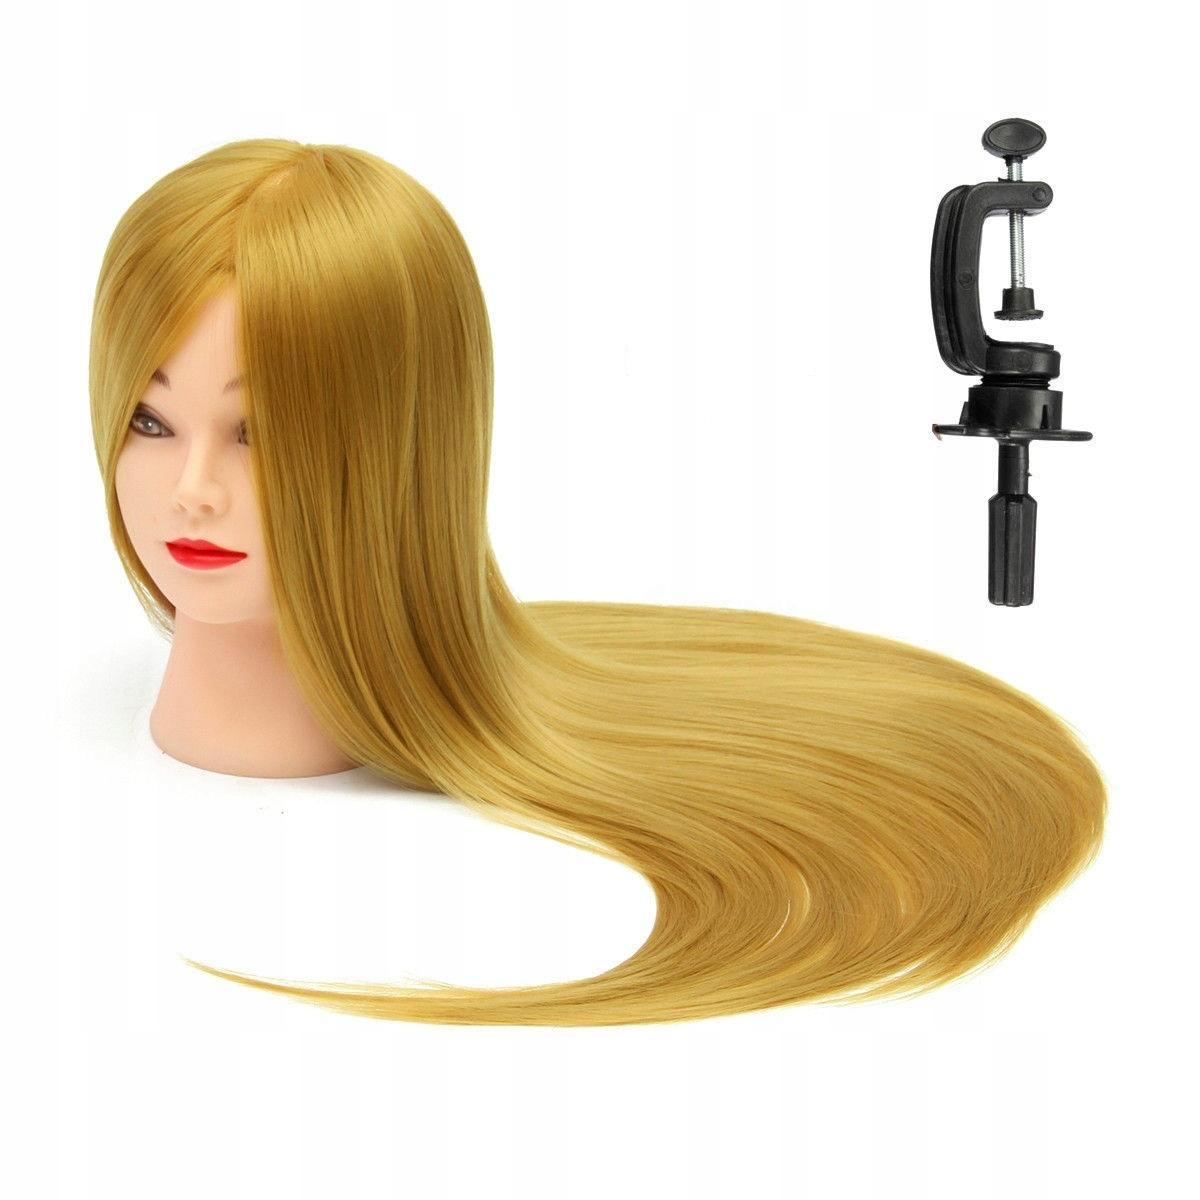 Голова головы, обучение парикмахерам 80см! + STATY